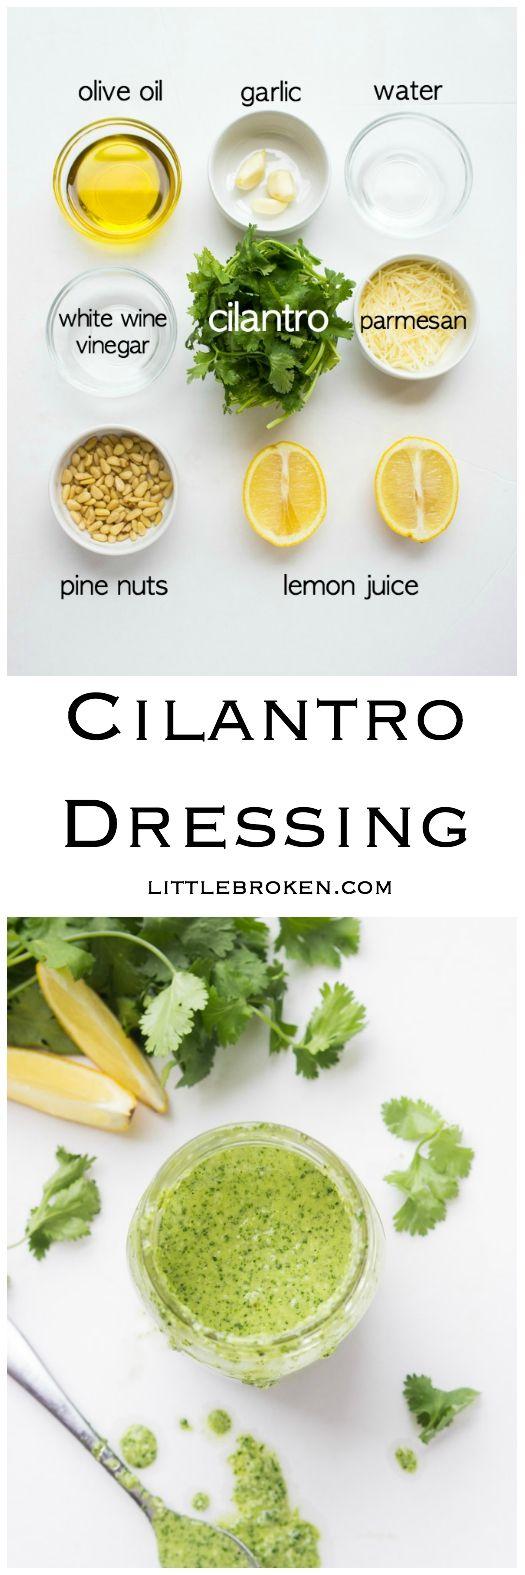 ... cilantro dressing, Avocado lime dressing and Lime cilantro dressing